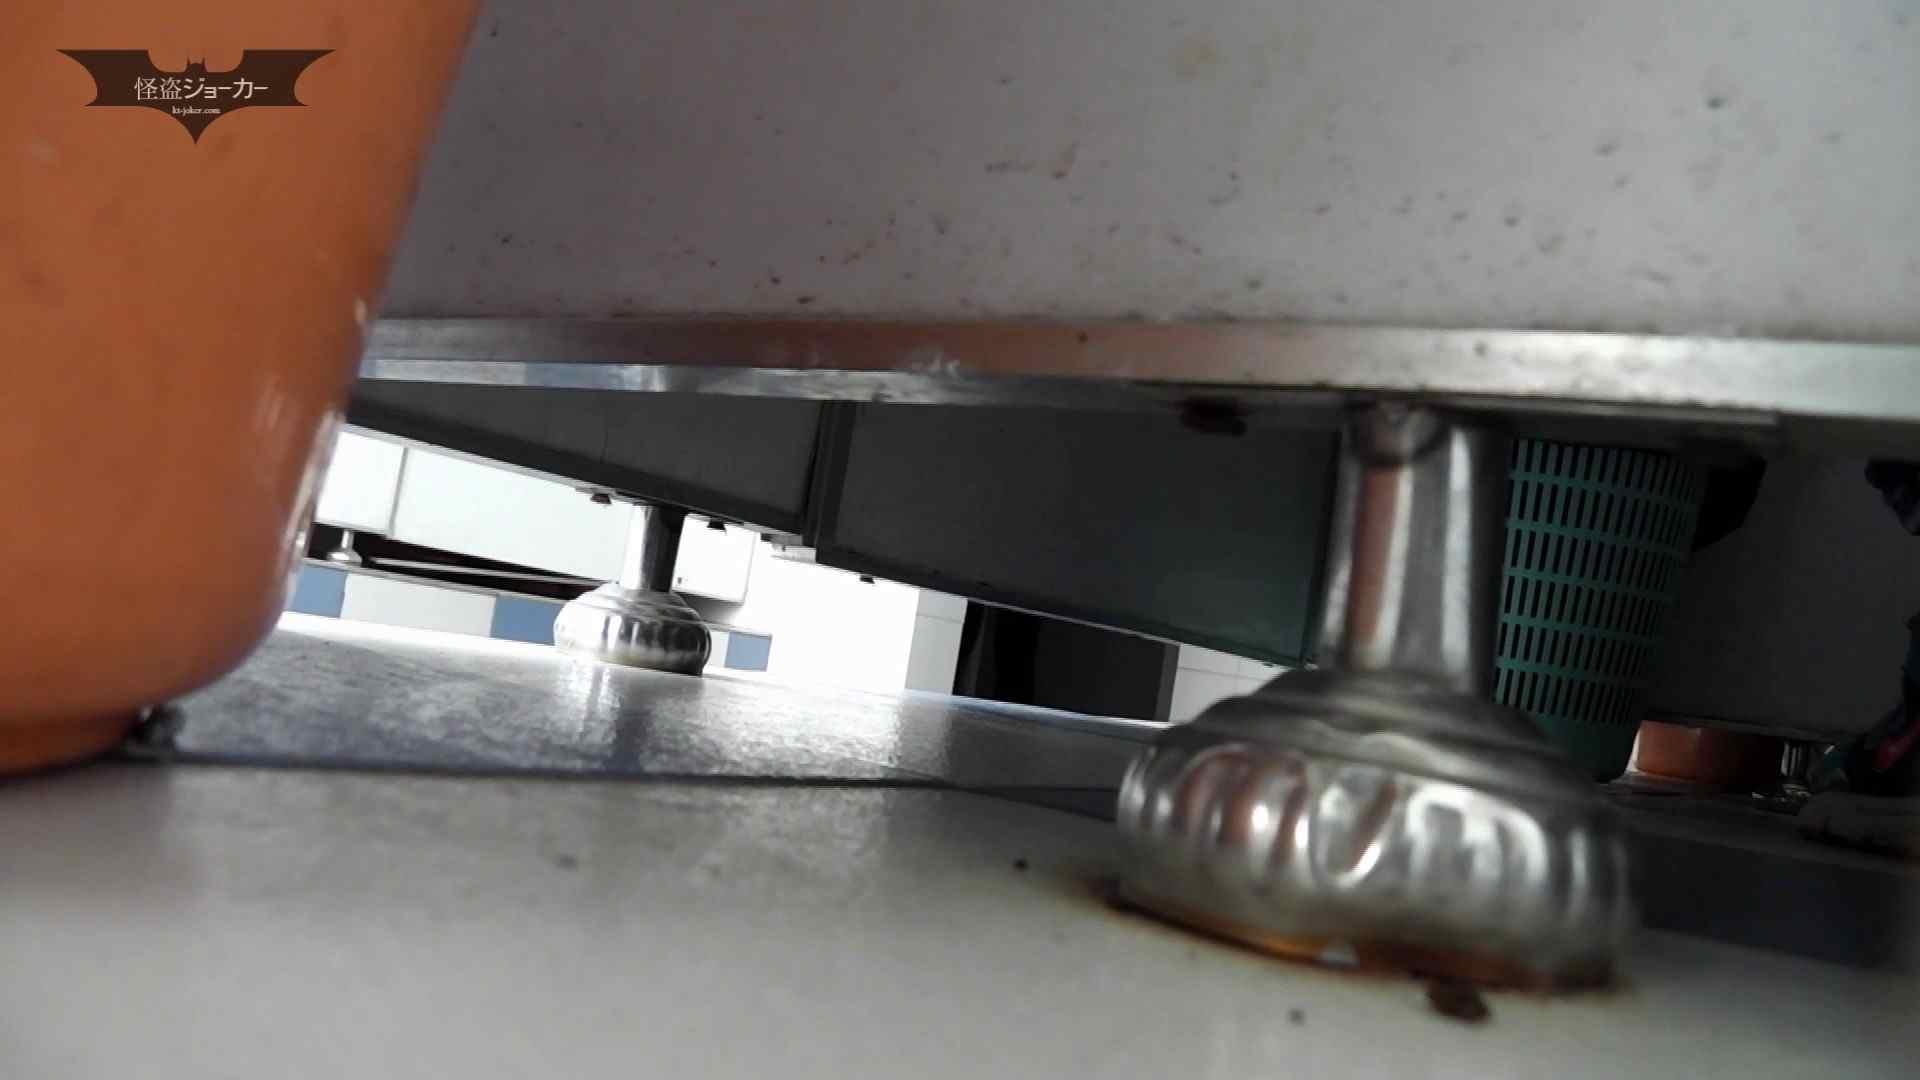 下からノゾム vol.032 走って追跡、そして、カメラ見られ大ピンチ OLの実態   追跡  98pic 49